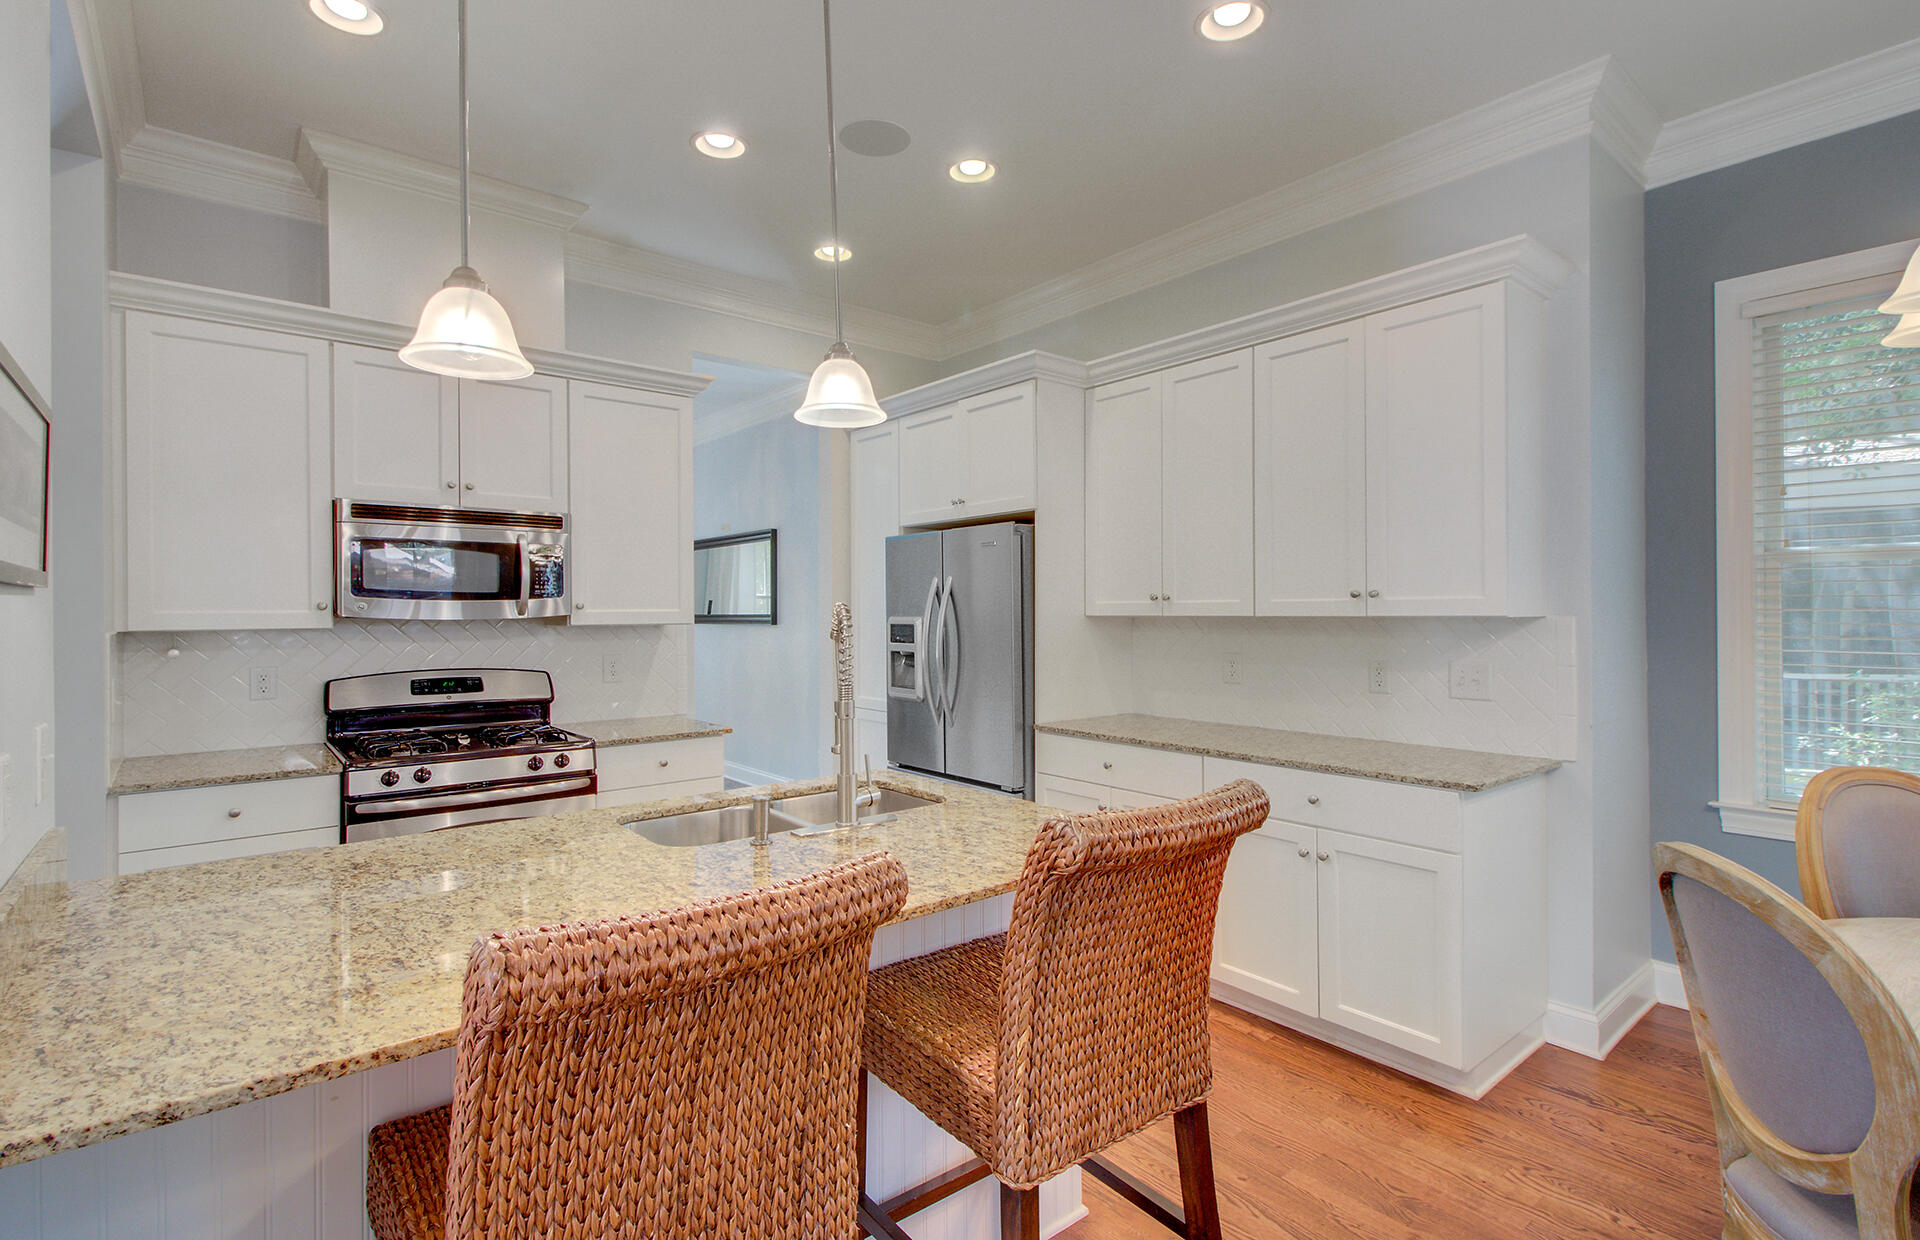 Phillips Park Homes For Sale - 1129 Phillips Park, Mount Pleasant, SC - 22